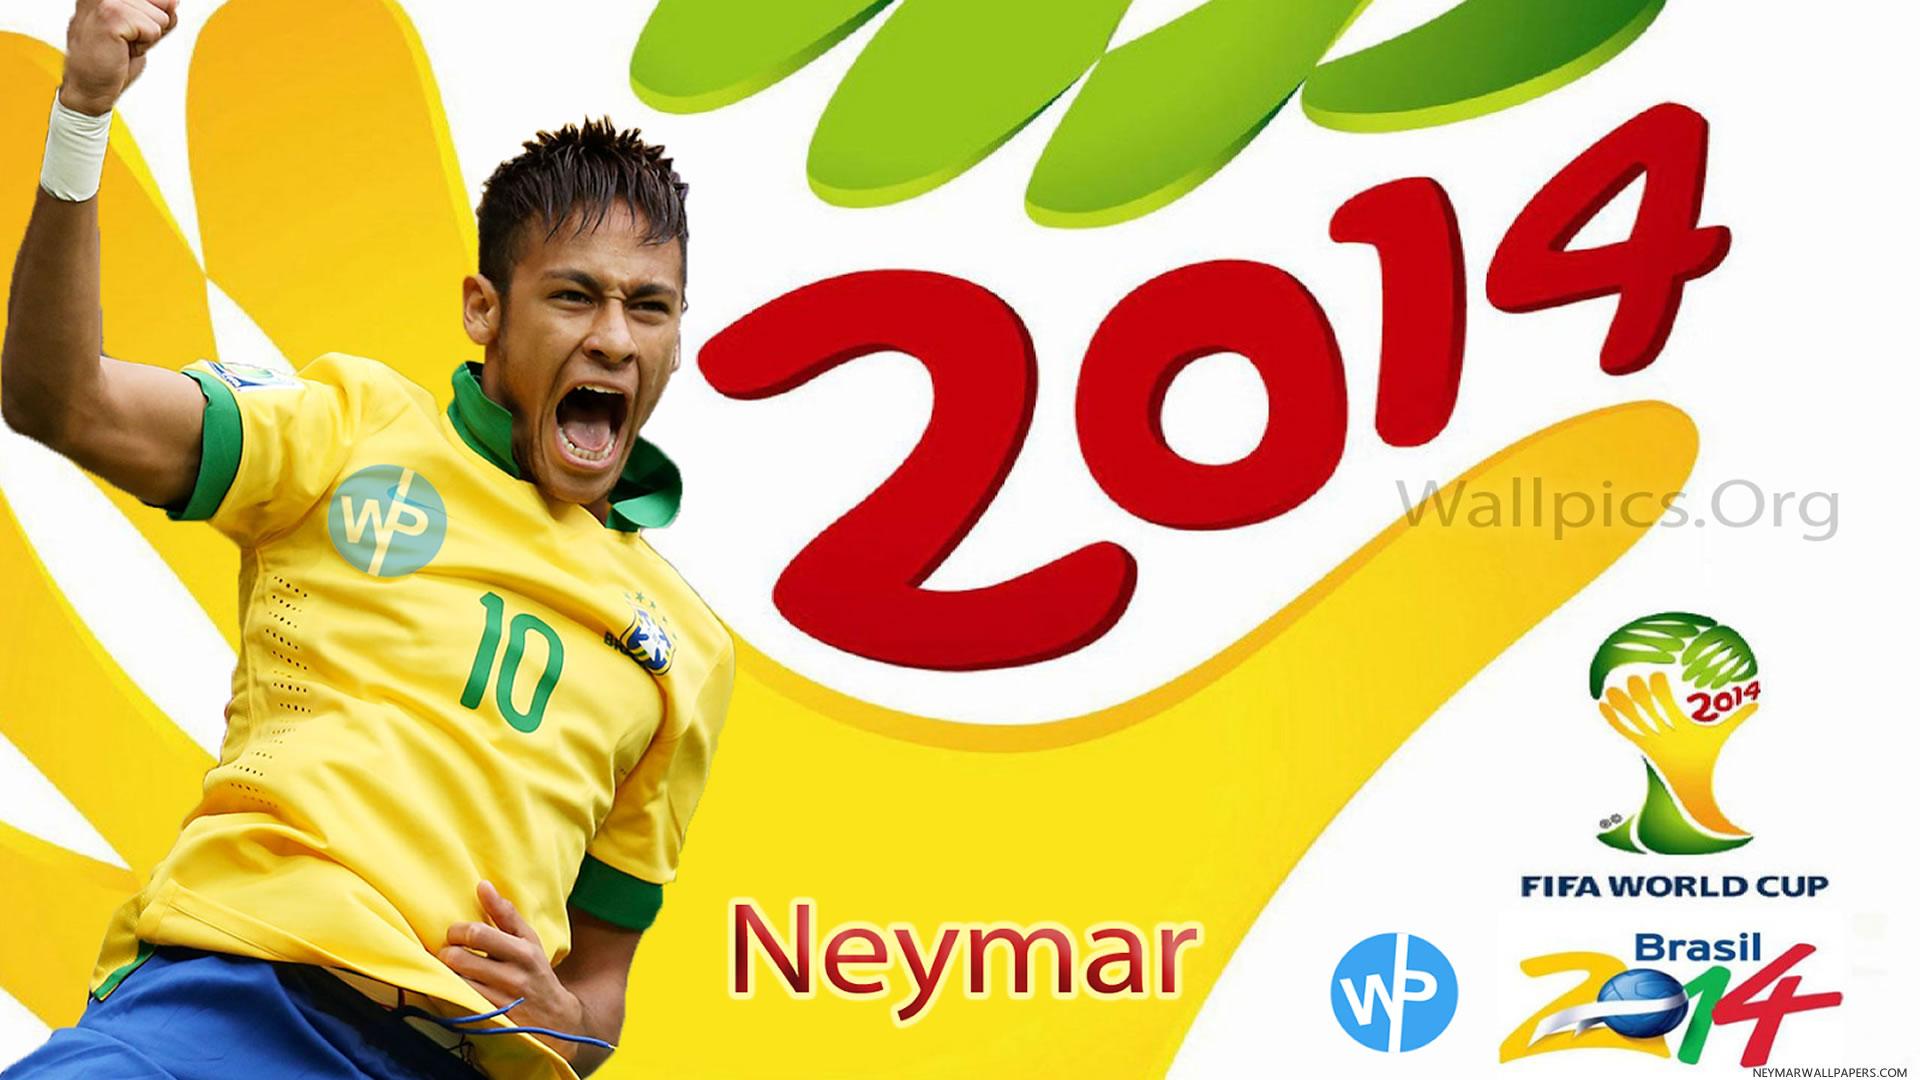 Neymar Fifa World Cup 2014 Brazil Wallpaper